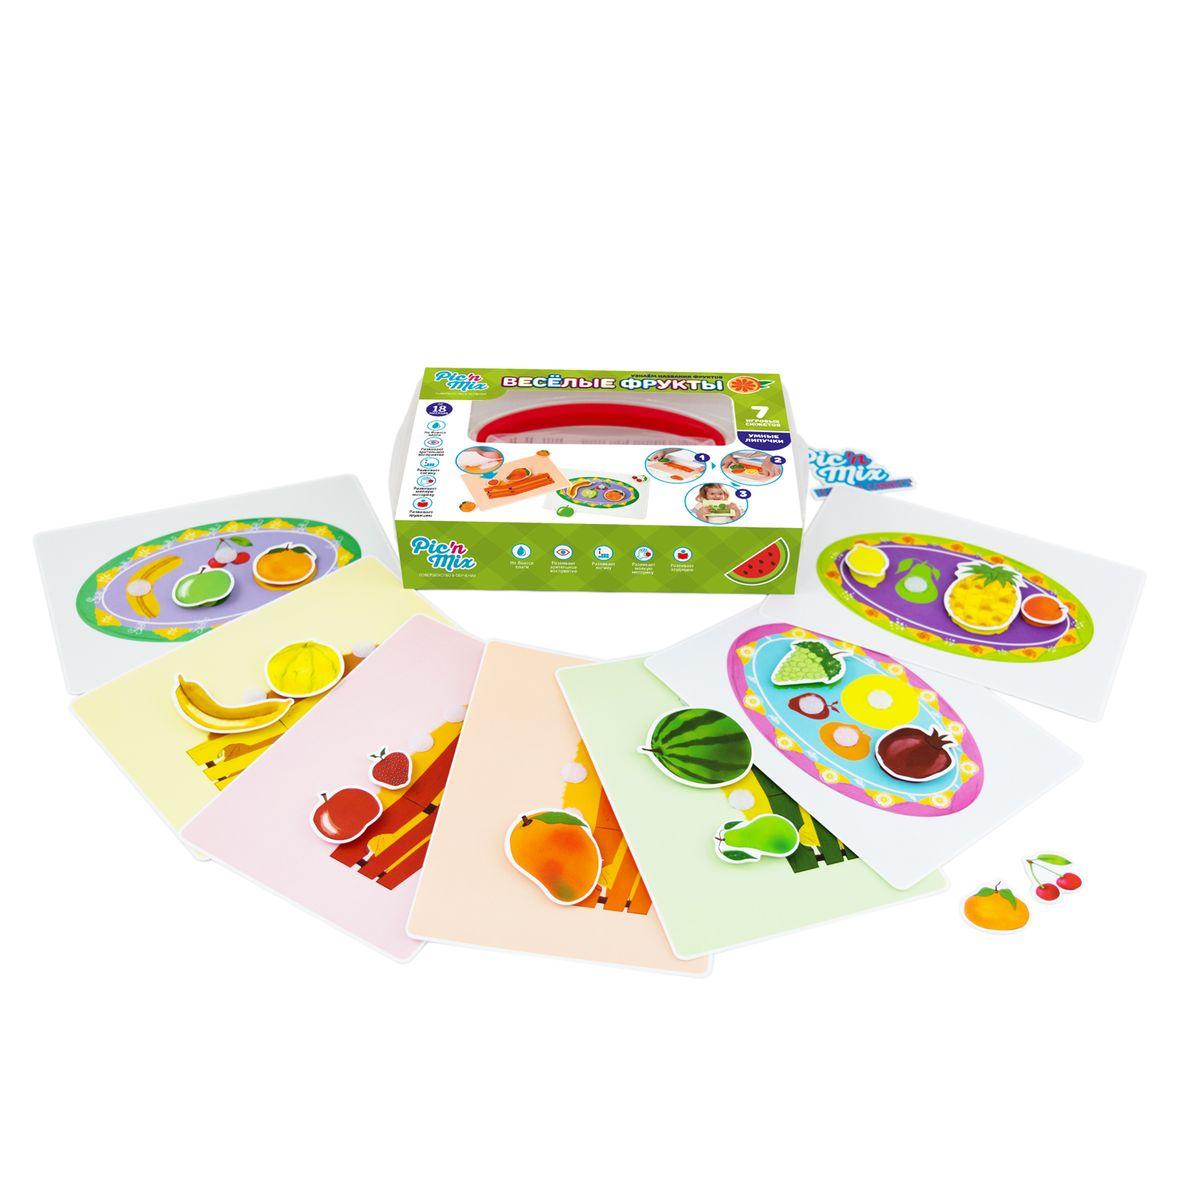 Pic&Mix Игра настольная развивающая Веселые фрукты112026Обучающая игра пазл-липучка состоит из 7 игровых полей, заполняя которые, ребенок изучает названия фруктов, их отличительные свойства и цвета. Развивает следующие навыки: логическое мышление; восприятие формы и цвета; зрительную память; речевое общение; мелкую моторику рук.